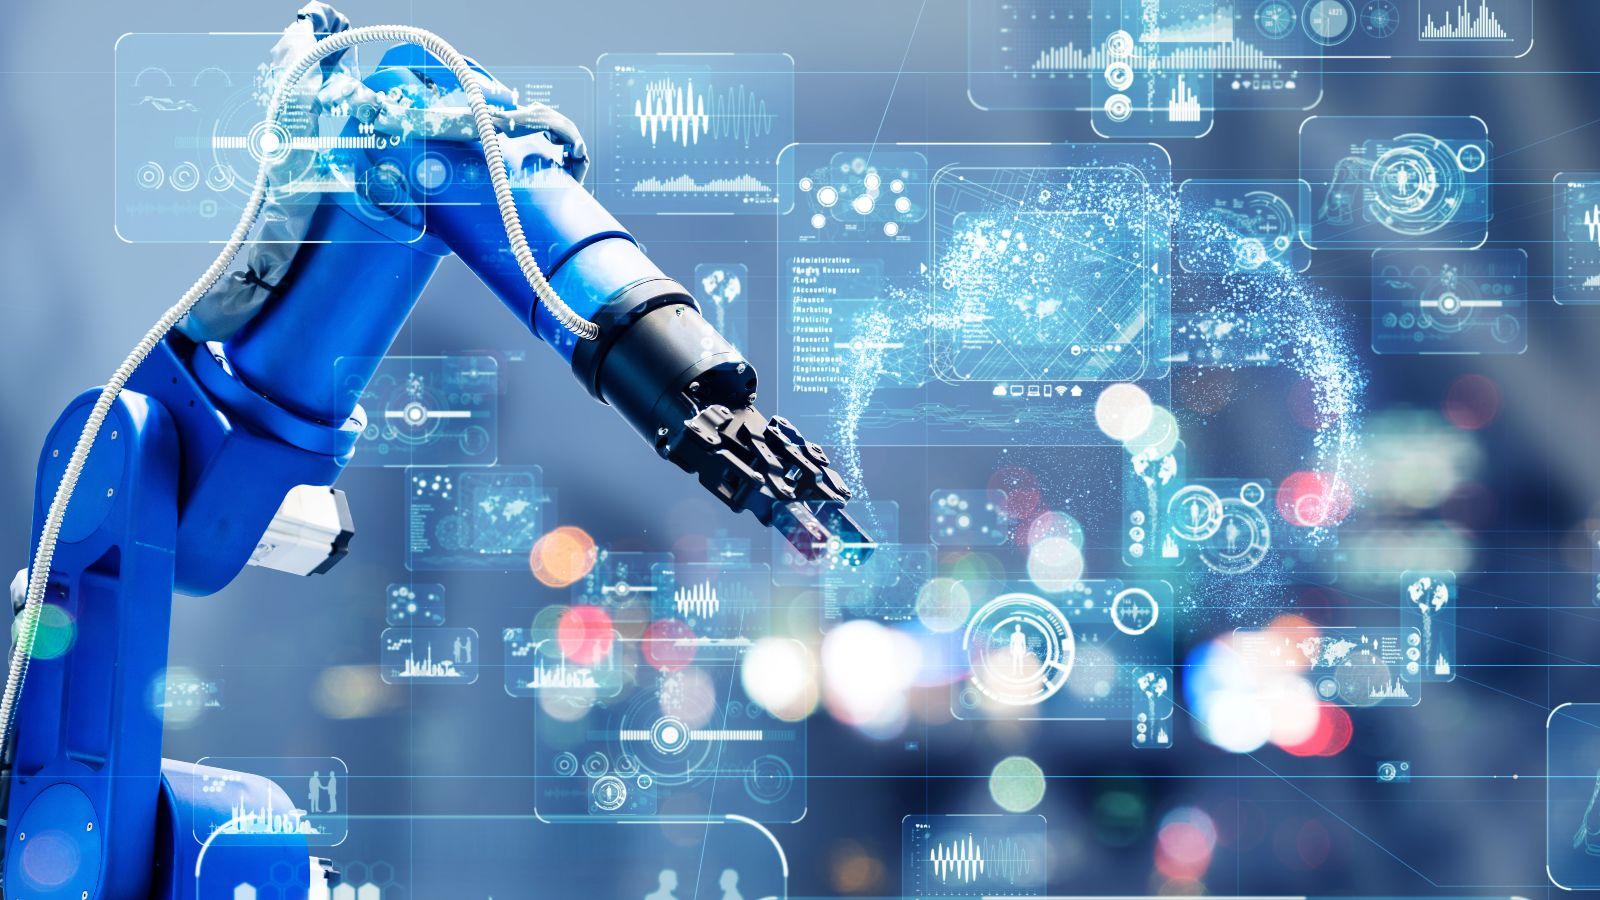 Diese Bild zeigt im Hintergrund einen großen Roboterarm. Im Vordergrund werden verchiedene unspezifische elektronische Datensätze dargestellt.